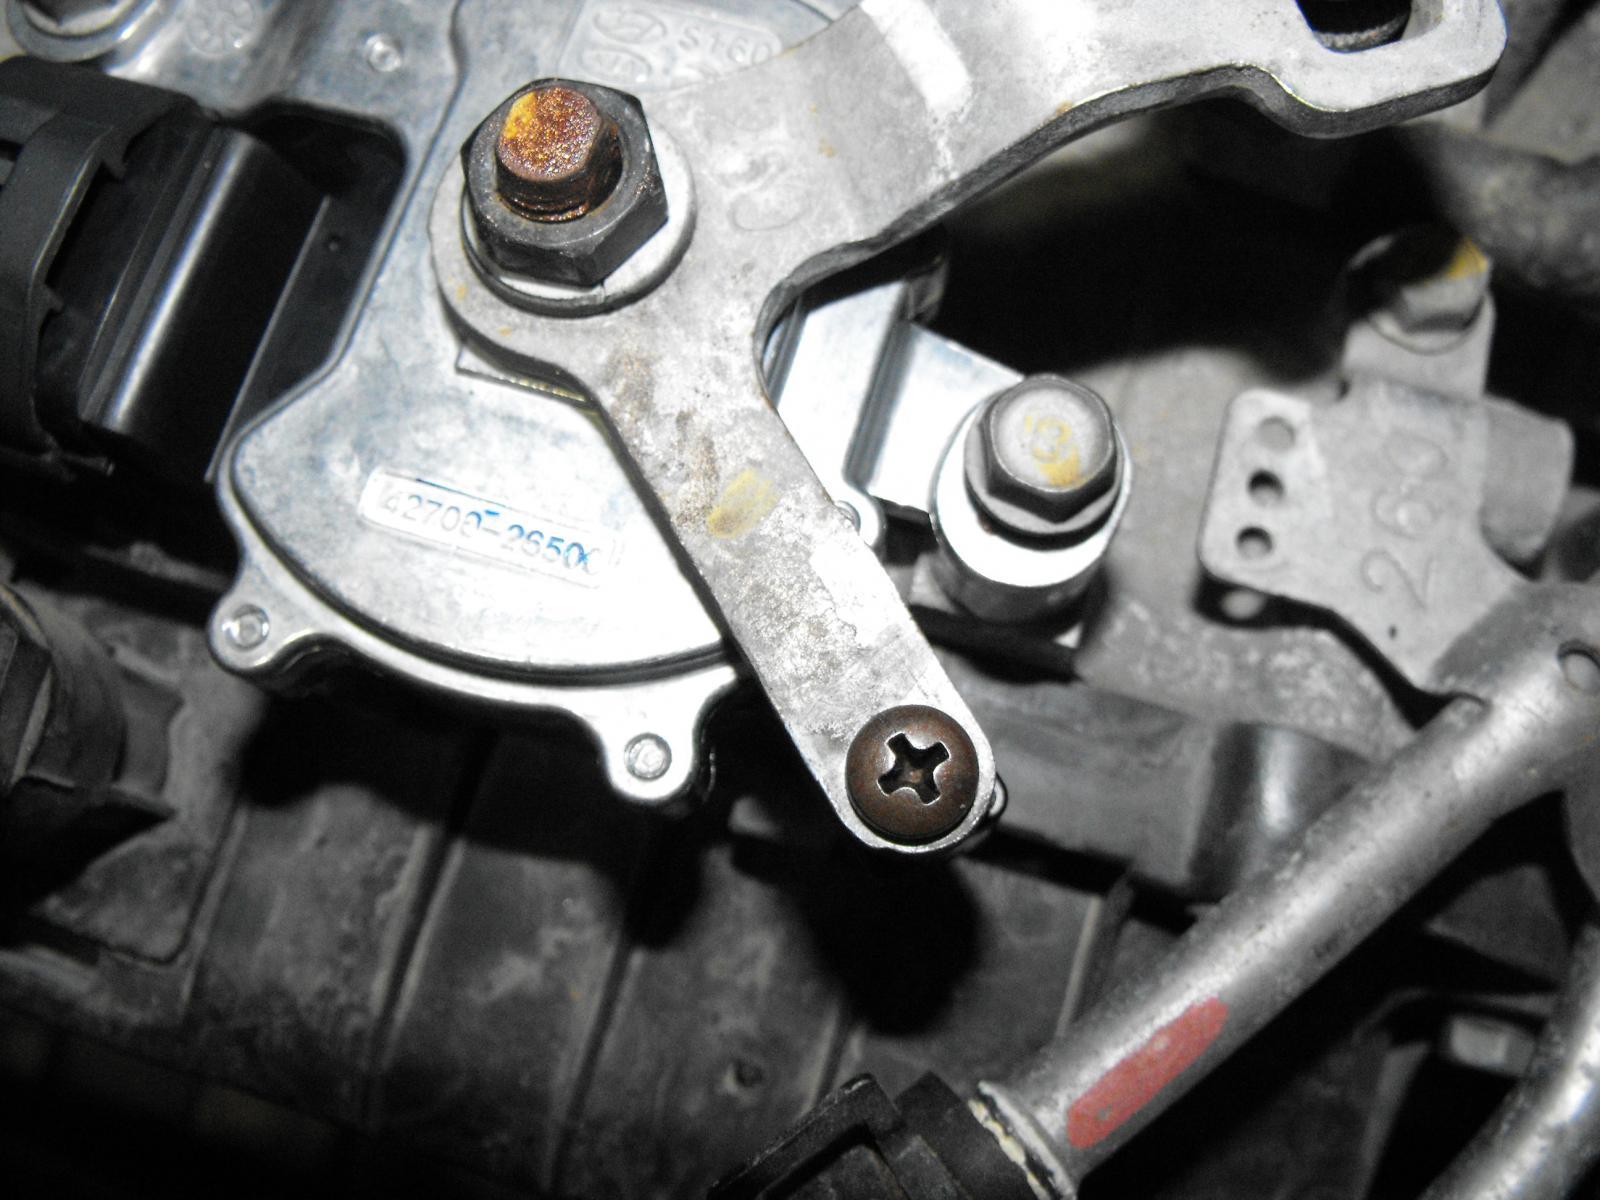 P0705 transmission range sensor circuit malfunction | Hyundai Forums